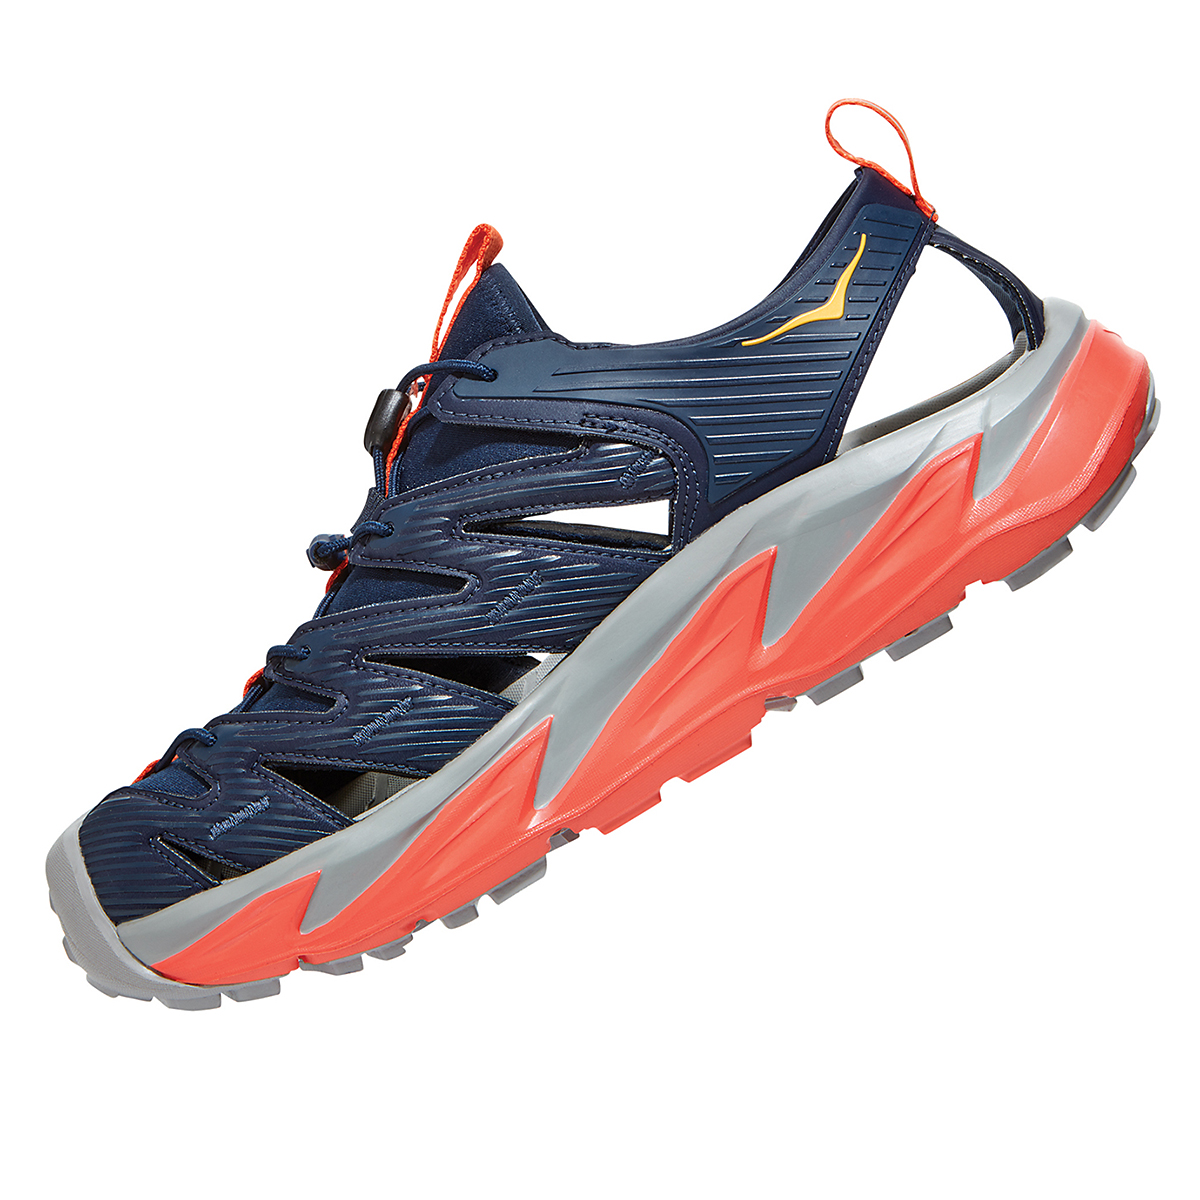 hoka men's hiking shoes